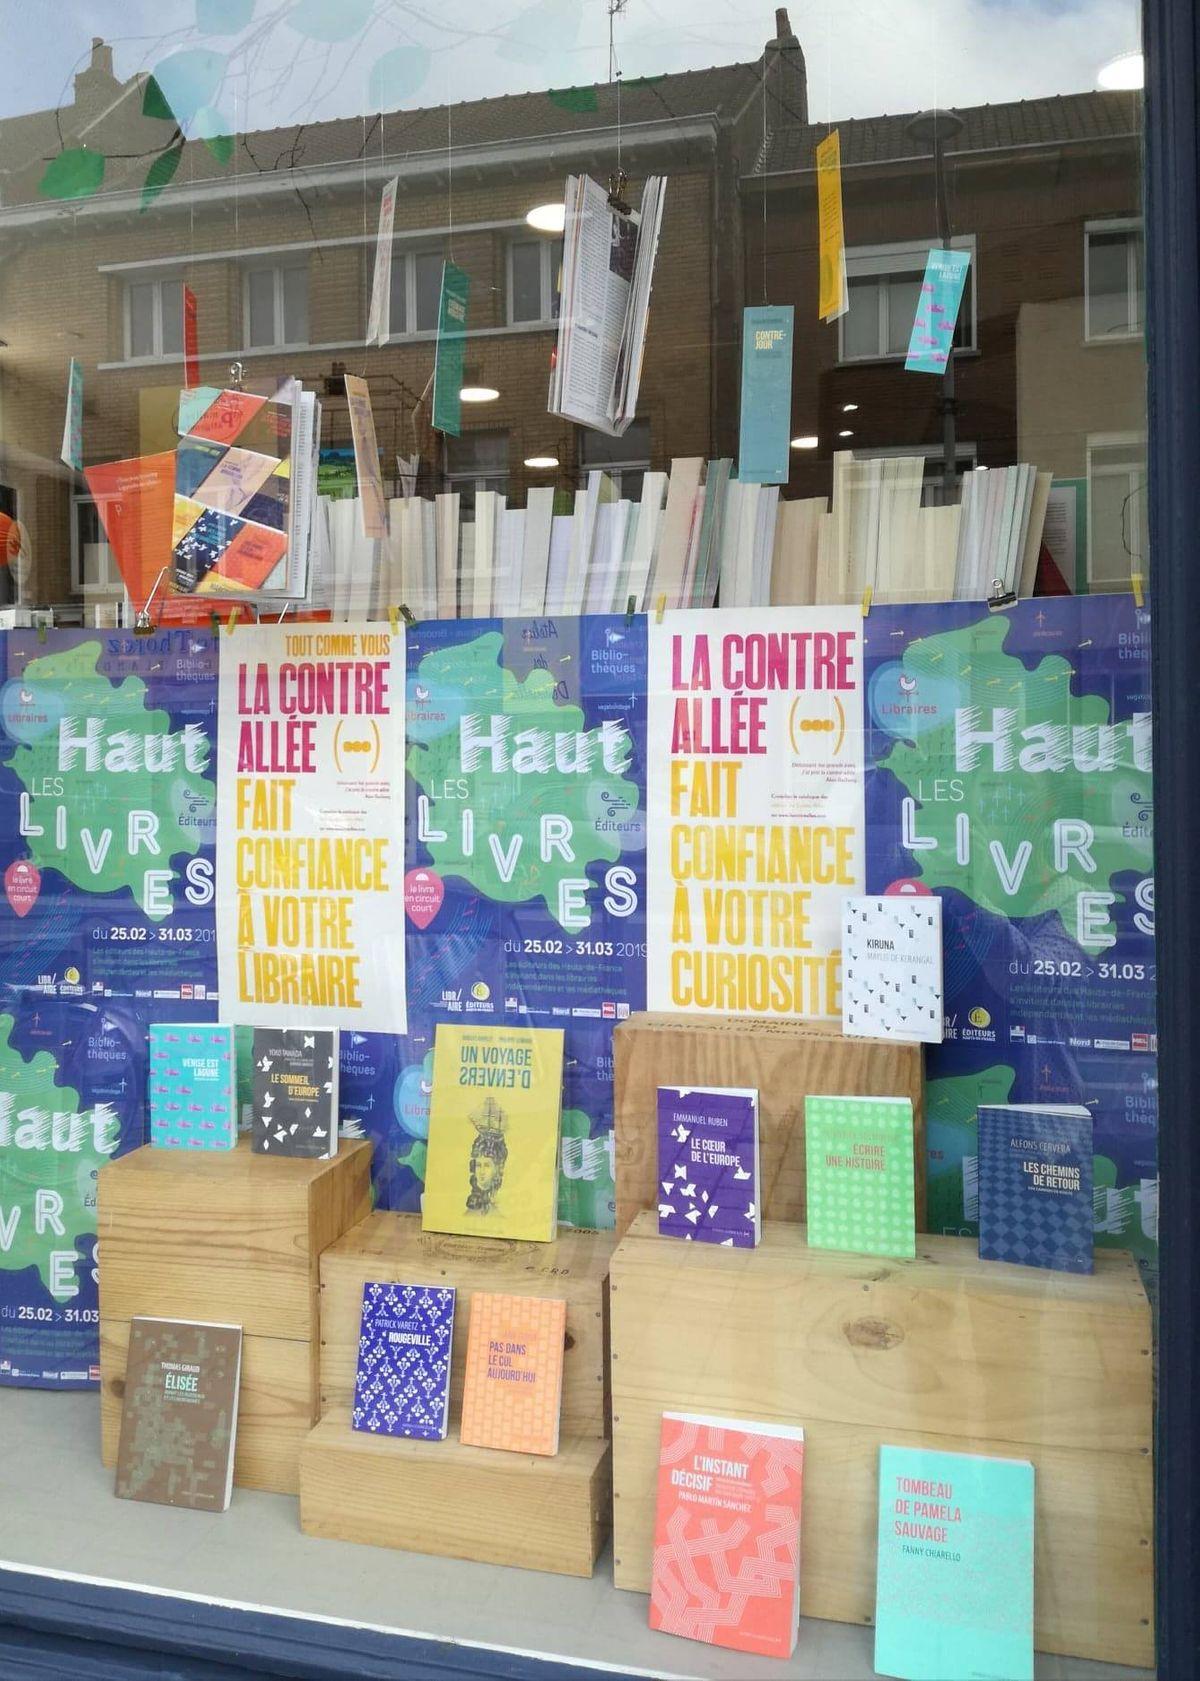 La Contre Allée à la librairie !